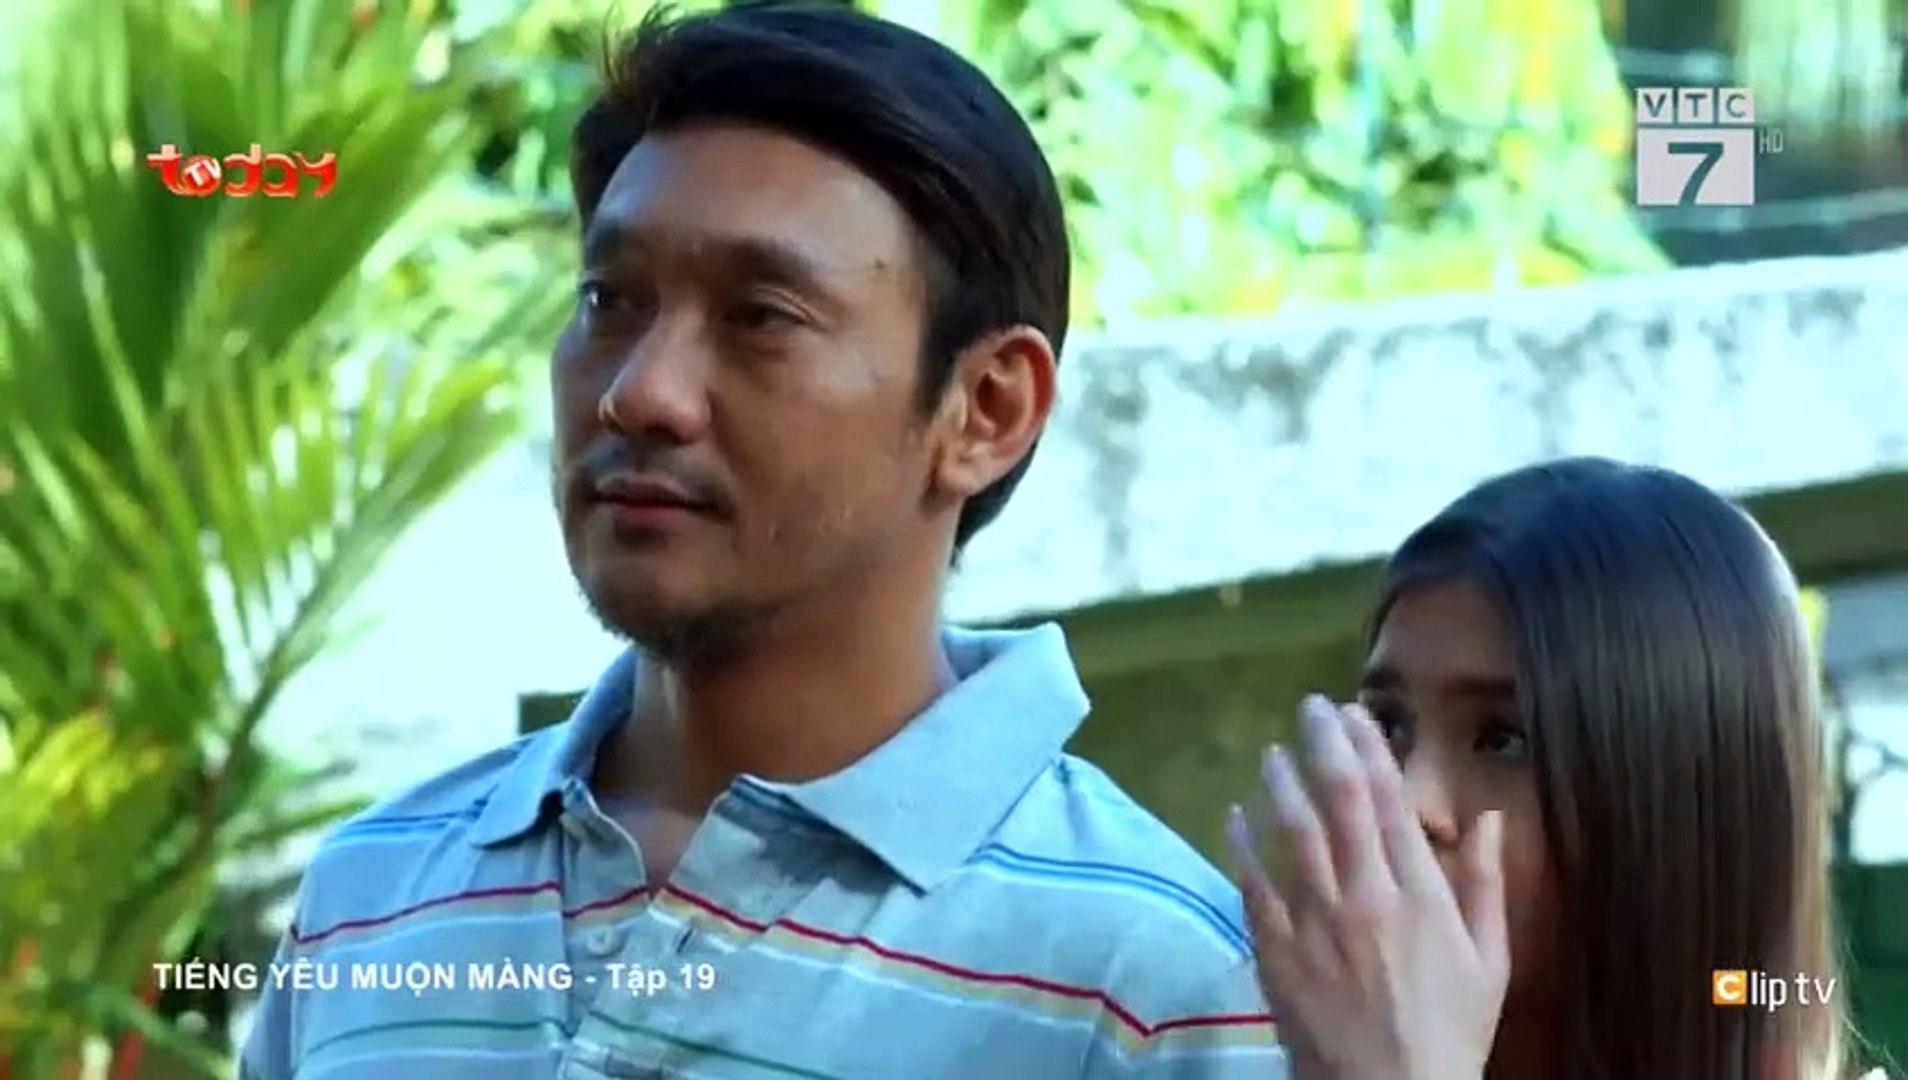 Tiếng Yêu Muộn Màng tập 19 | phim Philippines | Bridges of Love ep 19